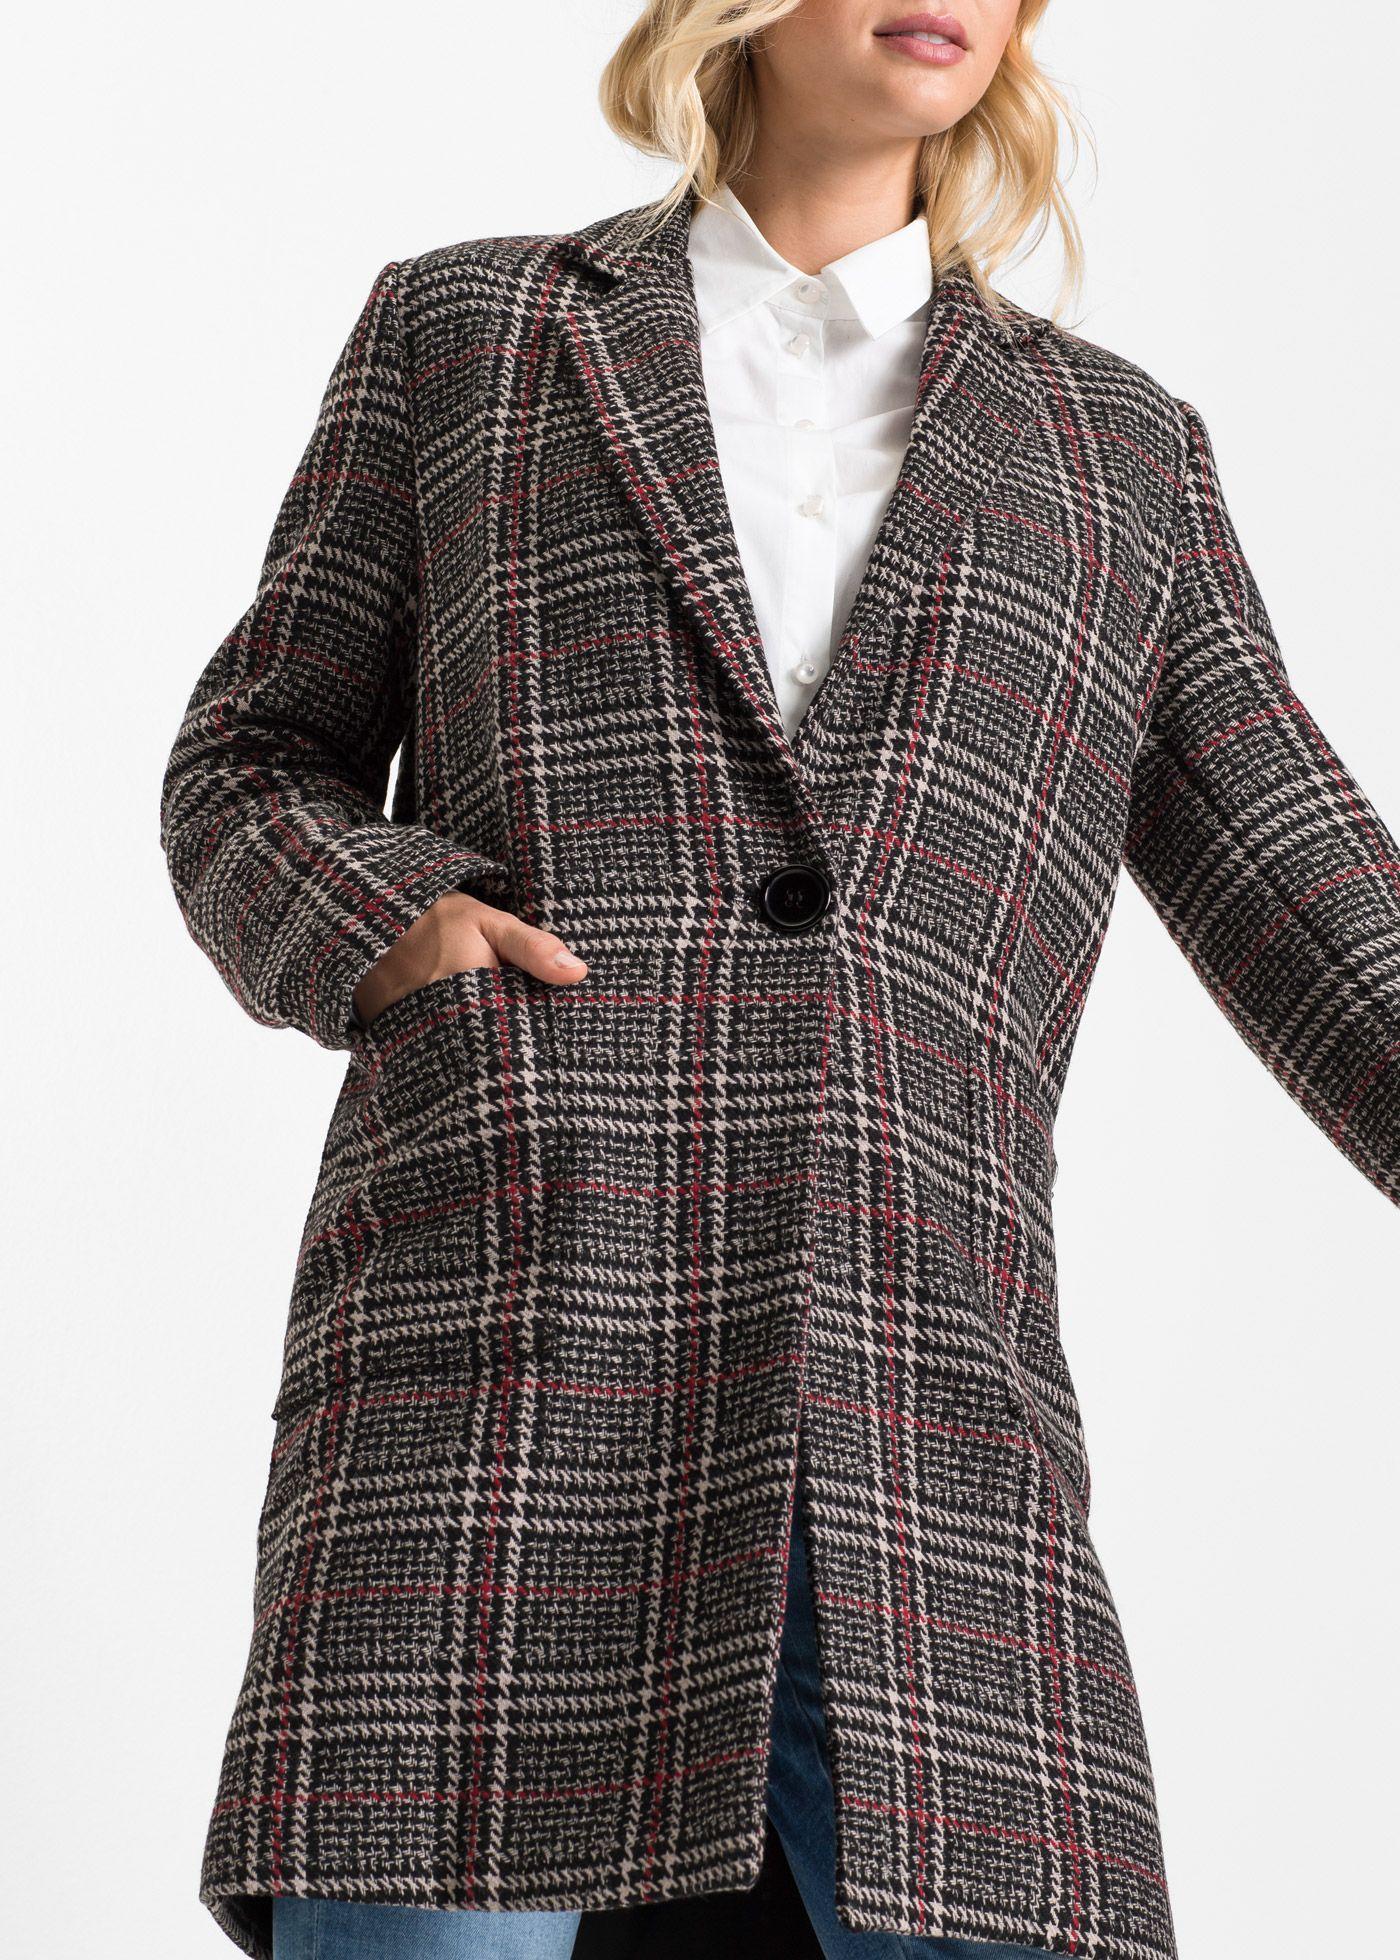 Cappotto in misto lana Grigio bianco rosso a quadri è